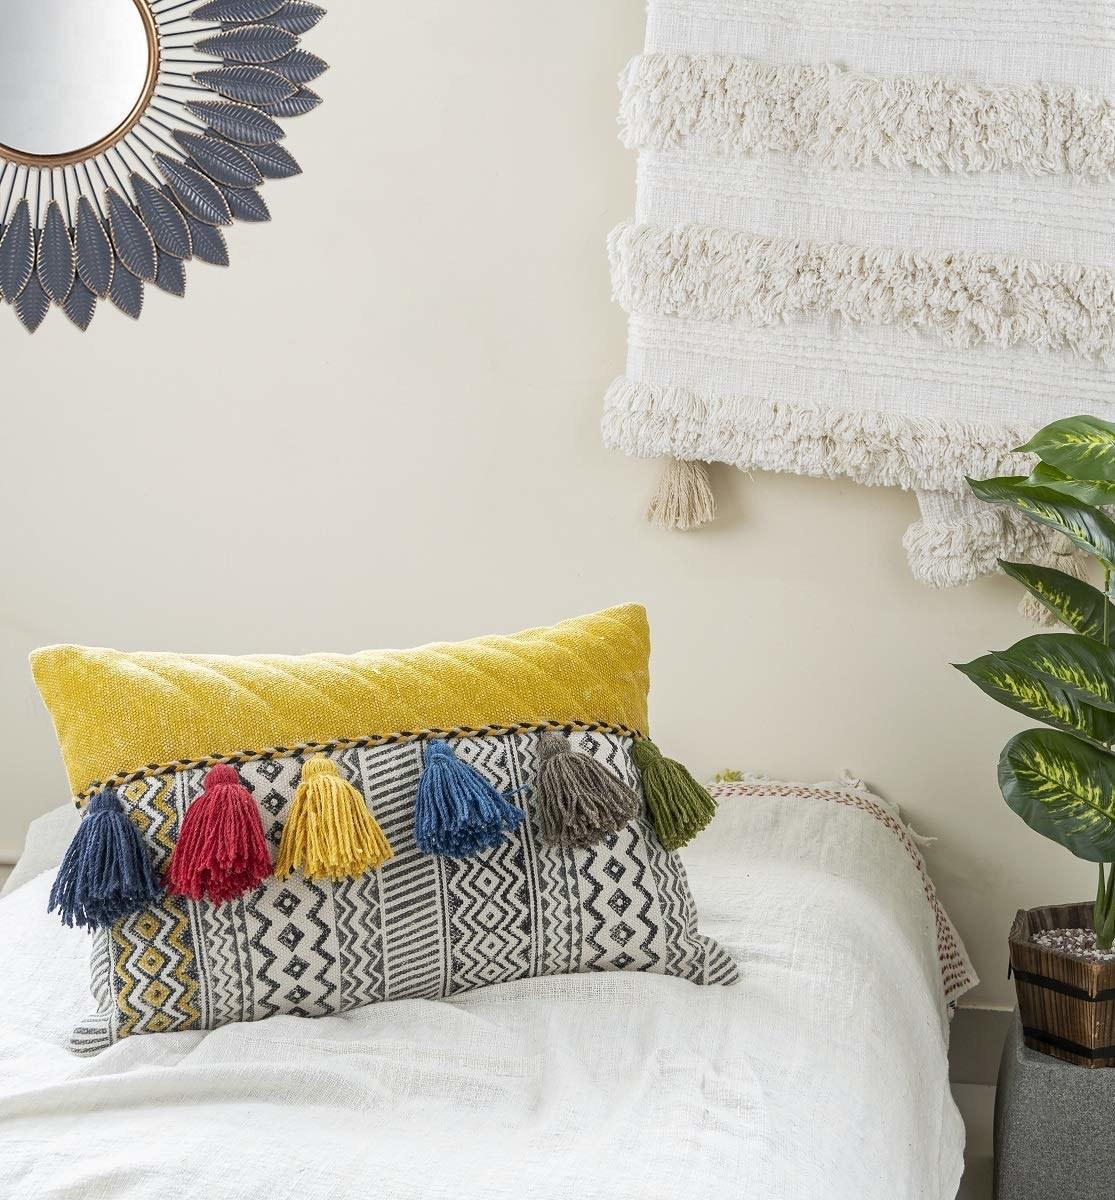 A tasseled Jaipuri hand-block cushion in white and yellow.